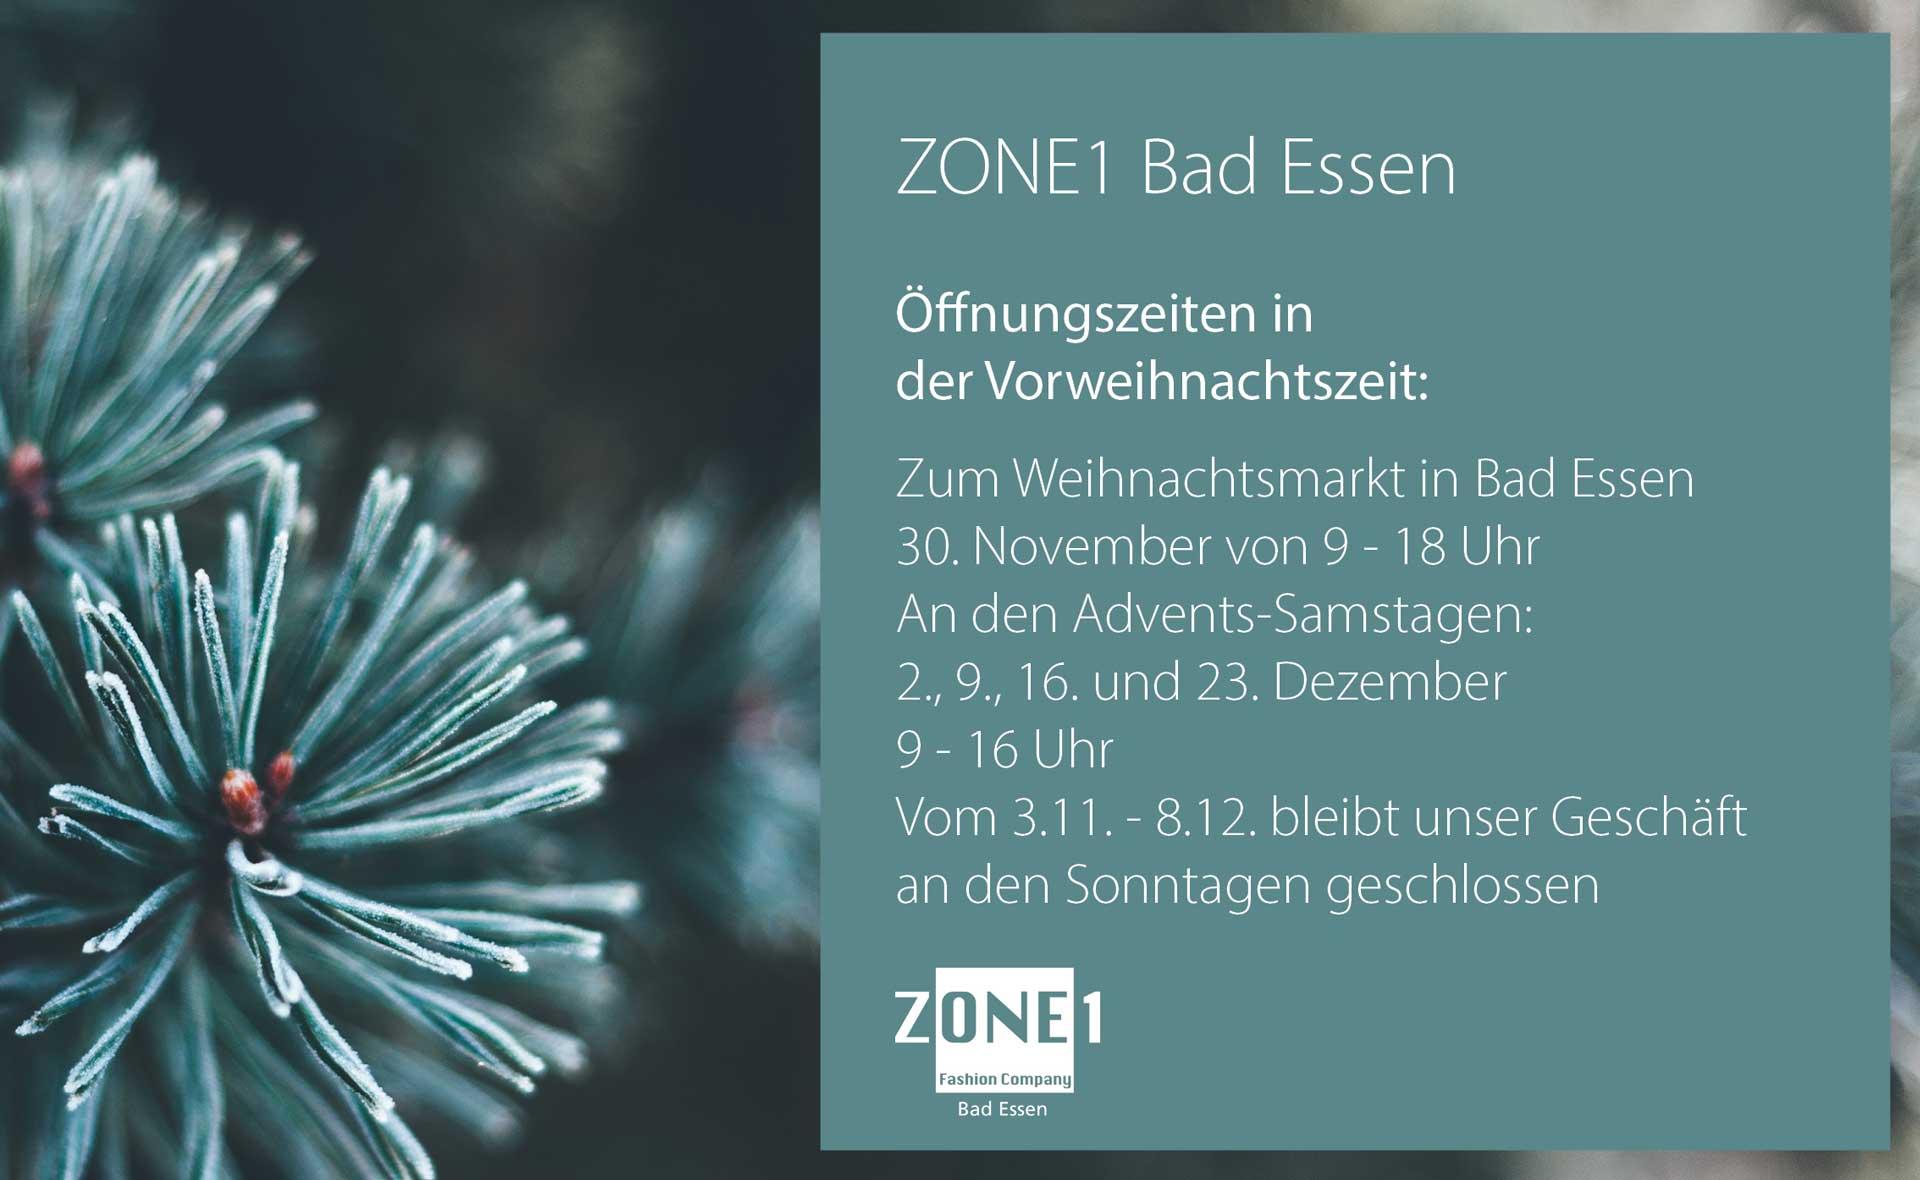 zone1-bad-essen-oeffnungszeiten-weihnachten-19